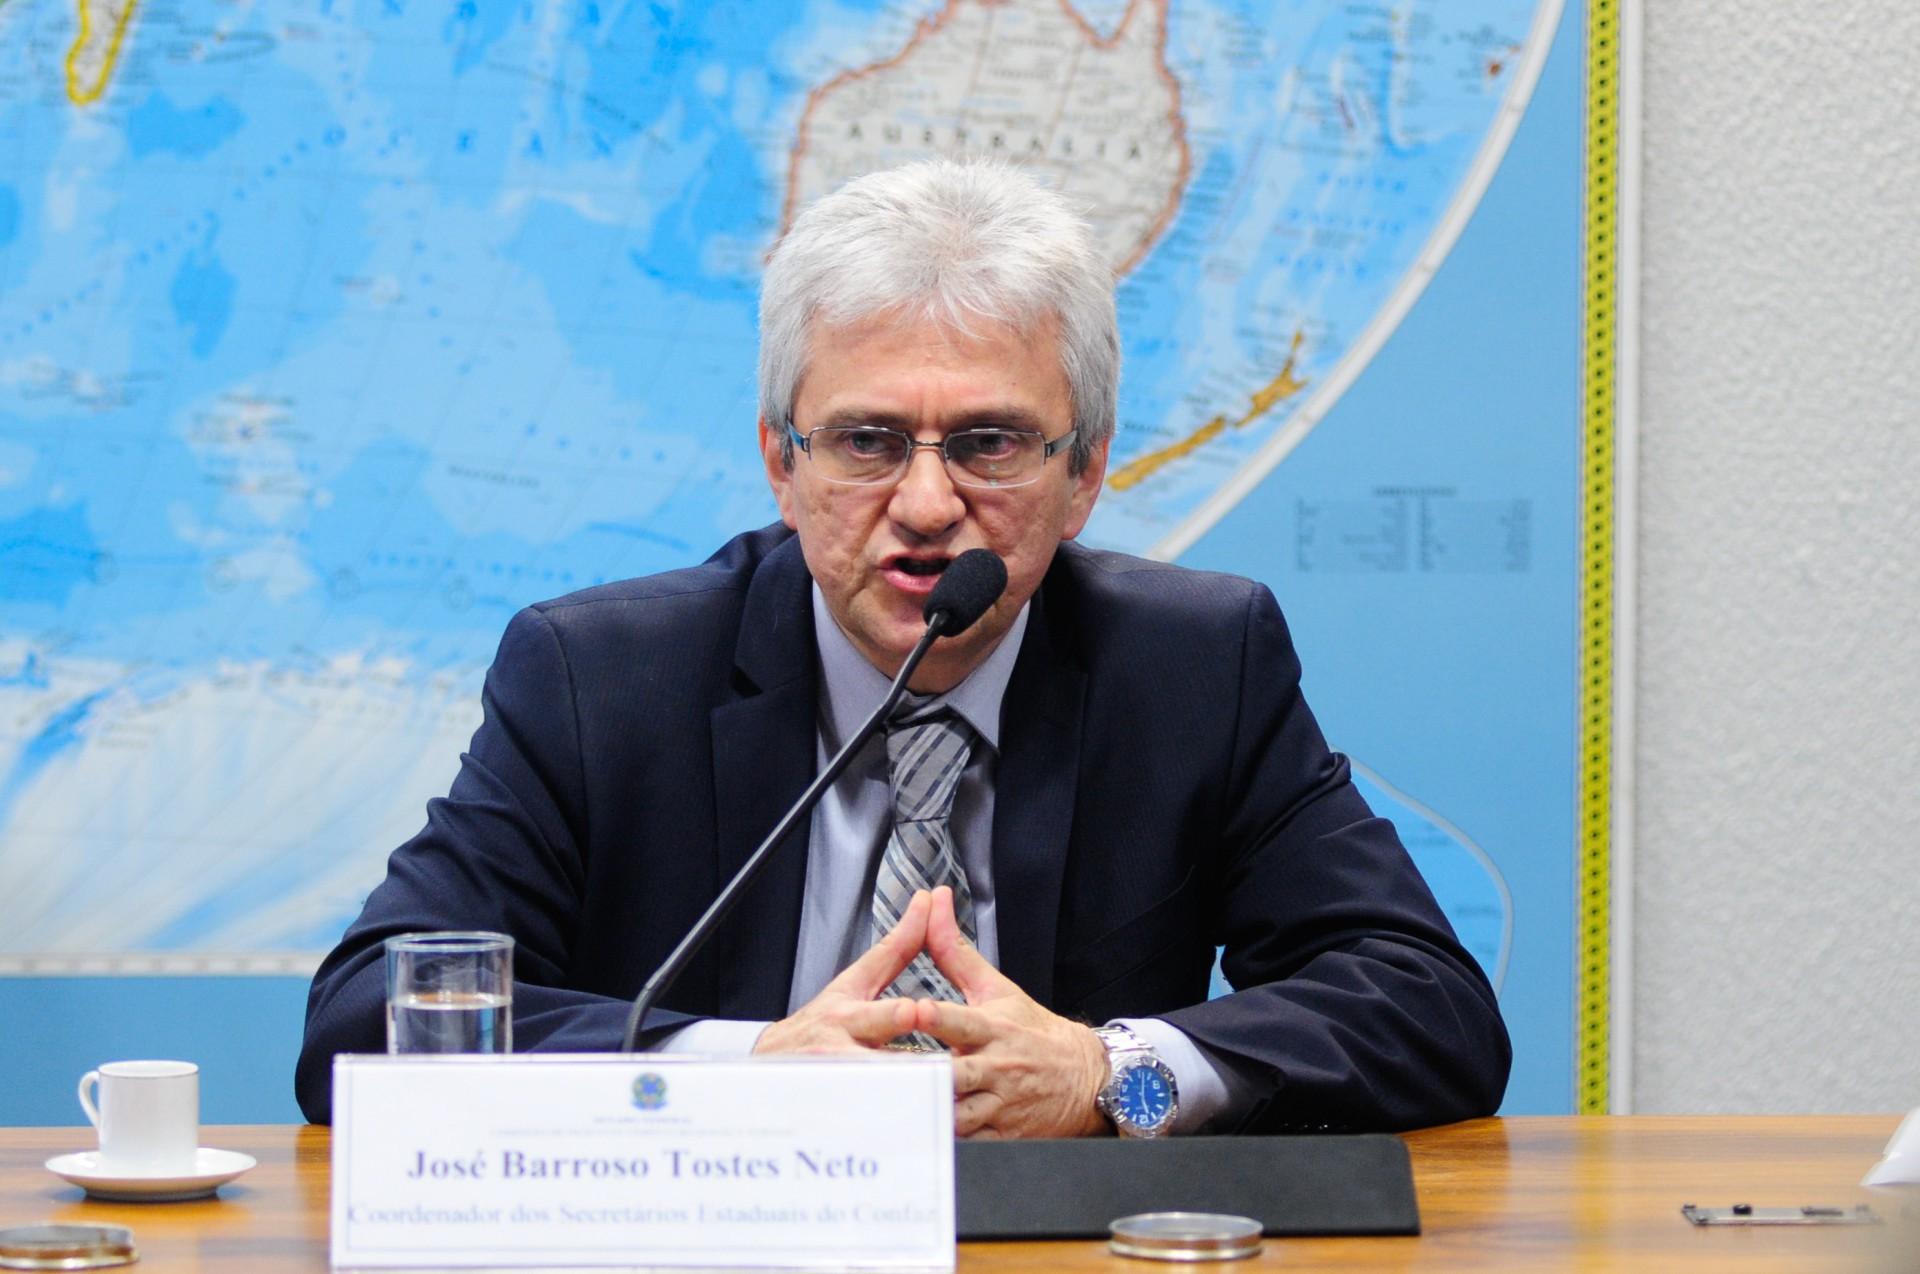 Próxima etapa da Reforma Trabalhista, segundo secretário da Receita Federal, seriam MEIs e optantes do Simples (Foto: Pedro França/Agência Senado)